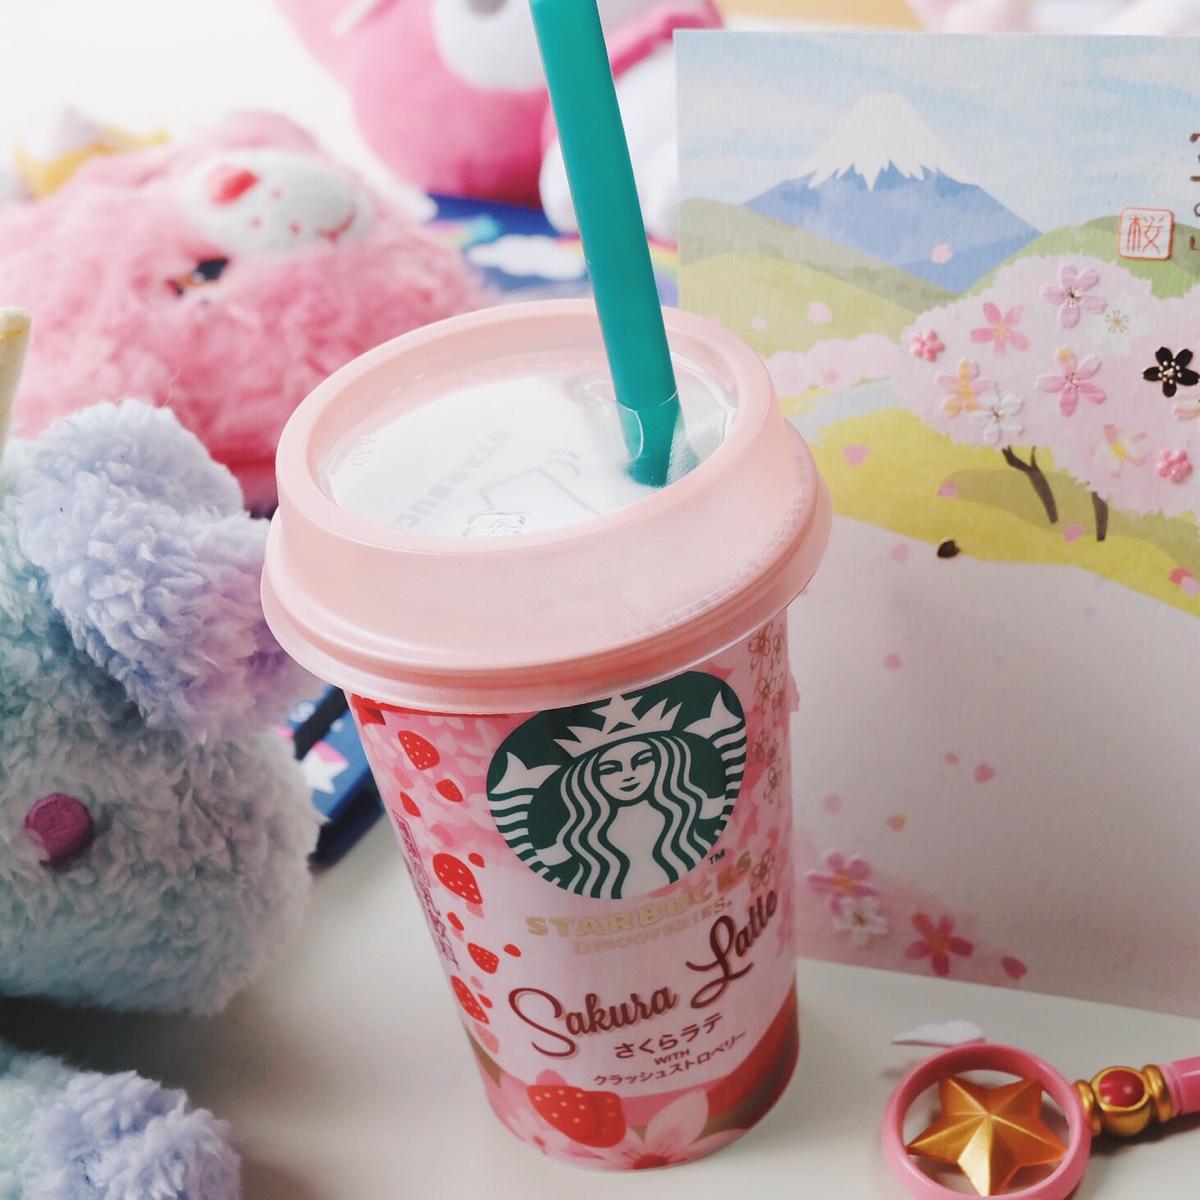 starbucks-japan-sakura-latte.jpg